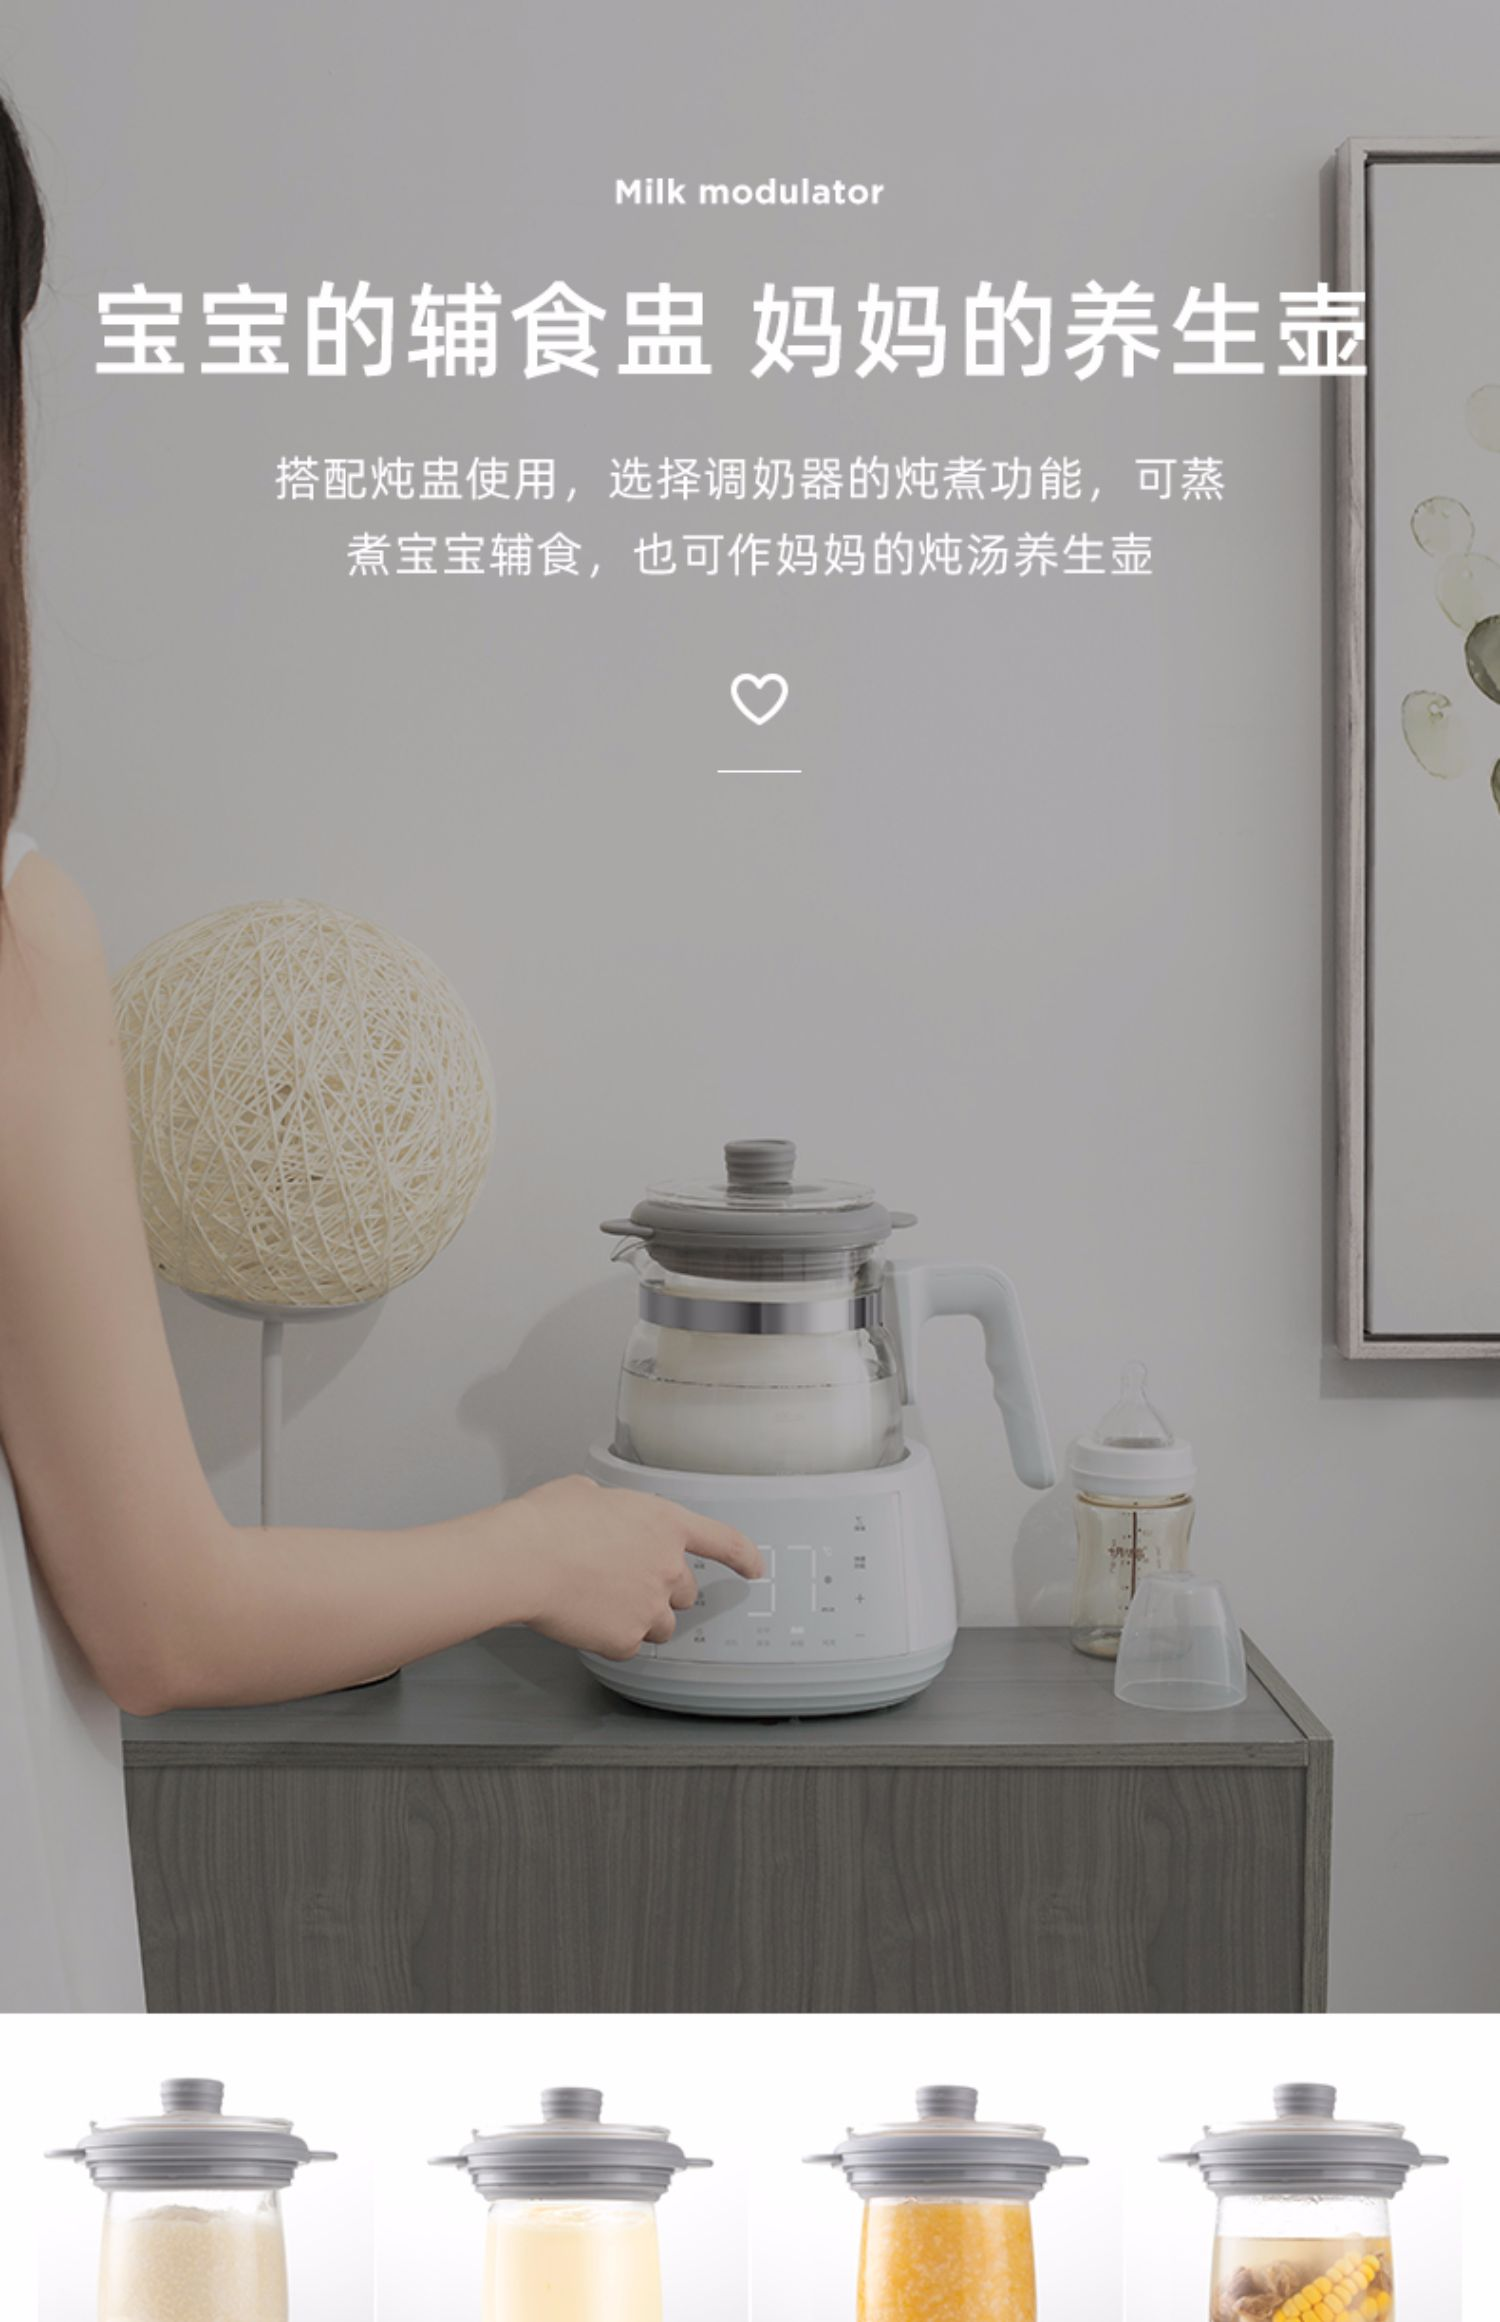 十月结晶恒温调奶器玻璃壶智能热水壶婴儿冲奶器自动温奶器商品详情图